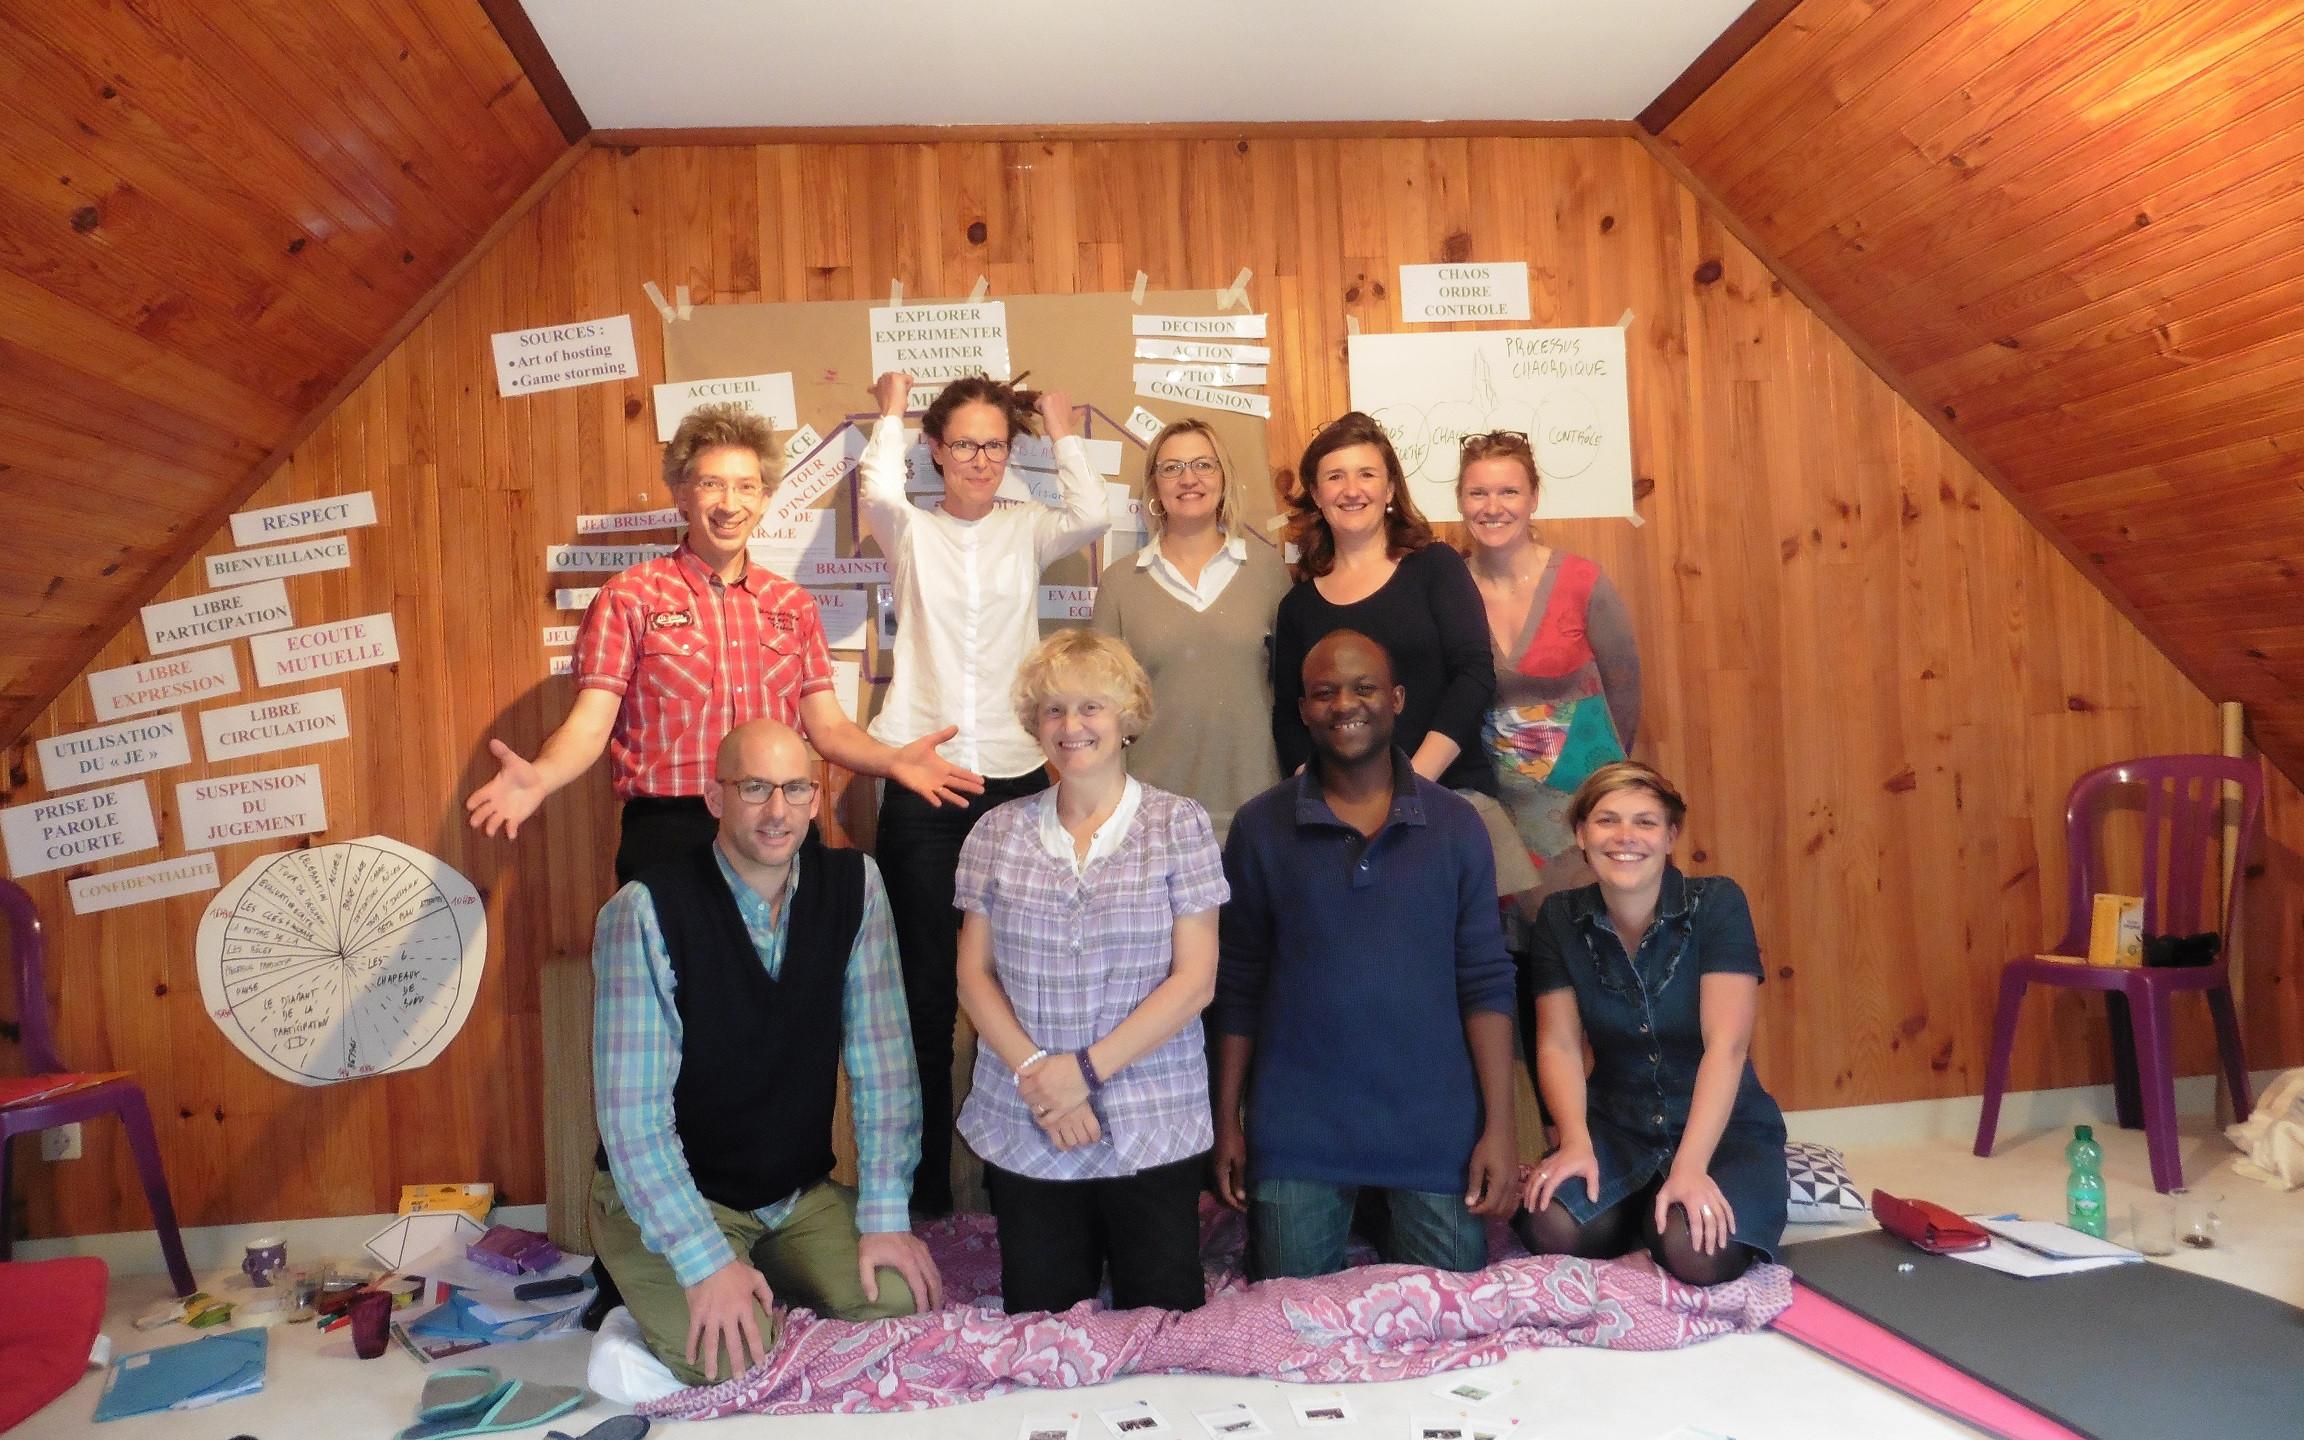 Animer des dynamiques de groupe participatives et productives